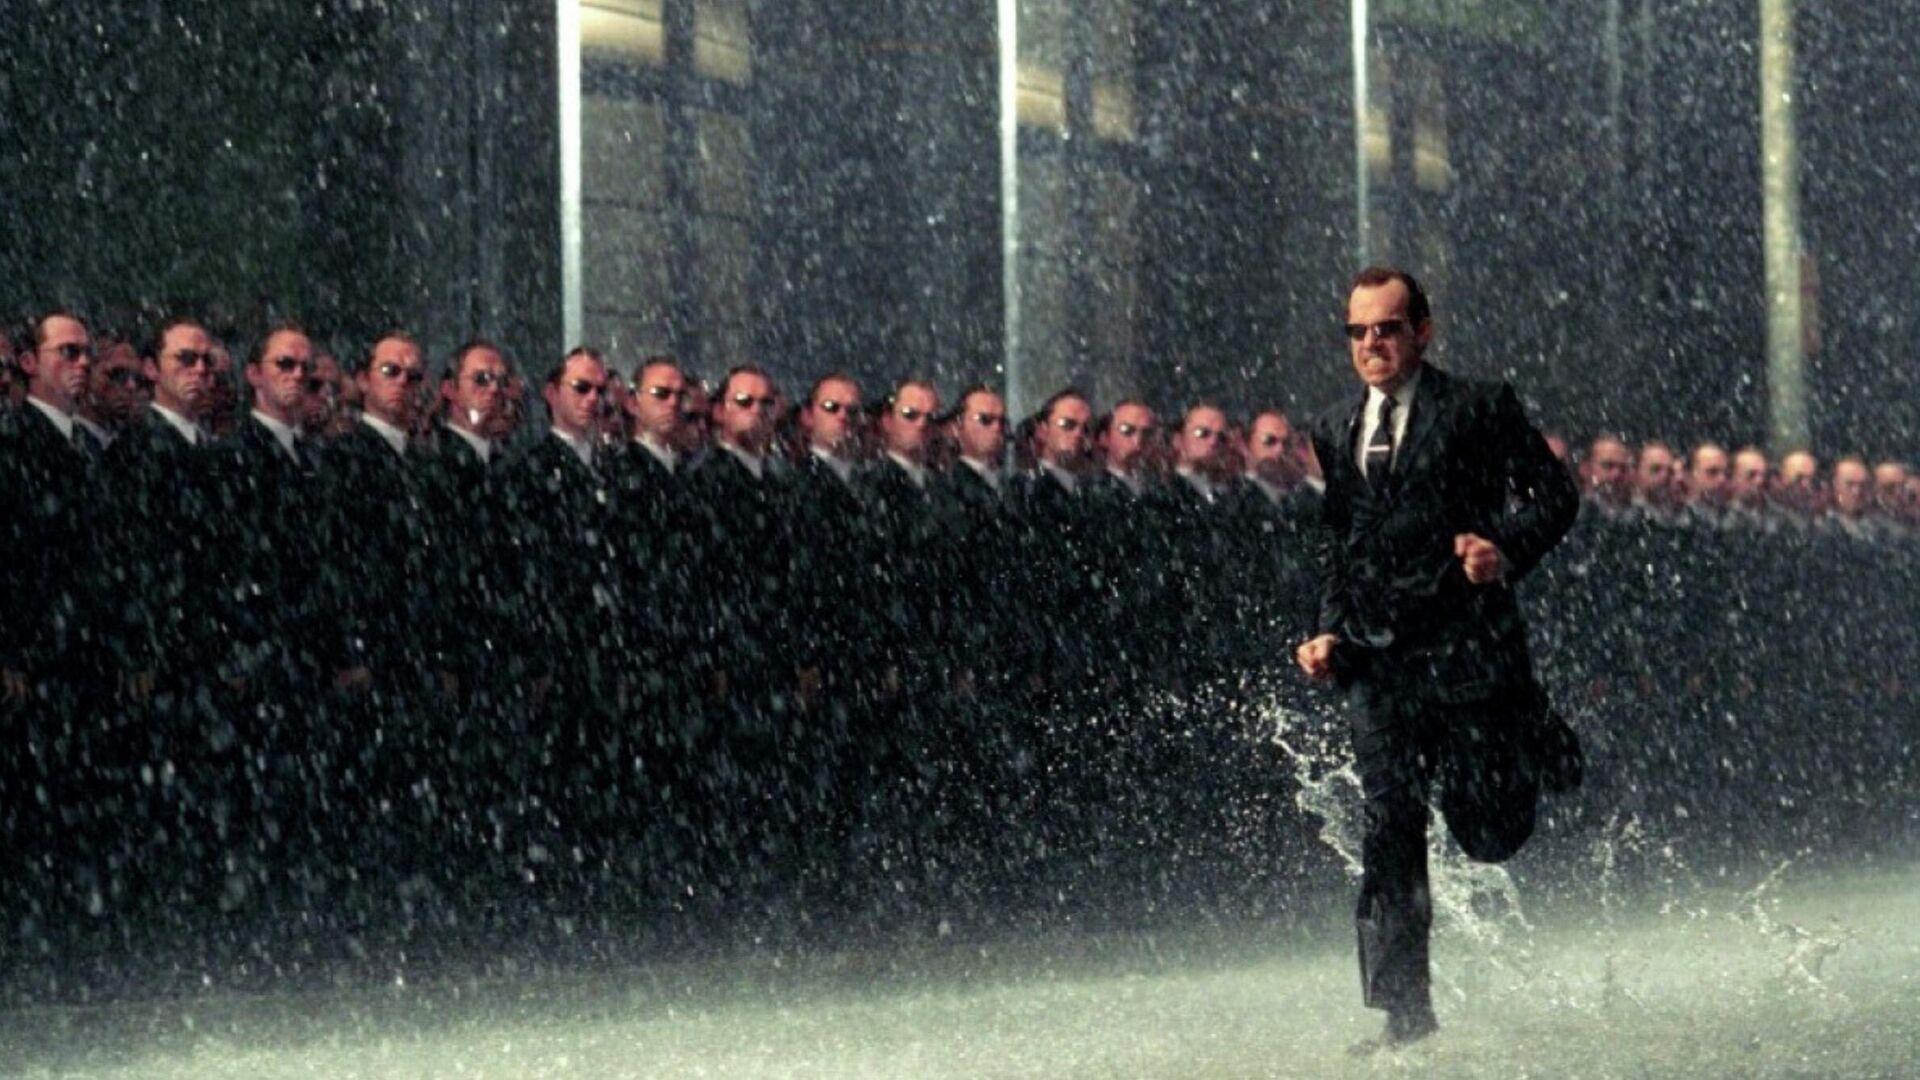 """1578017381 0:208:2378:1546 1920x0 80 0 0 69728c065e4222b2e3720b2bad4c466c - В четвертой """"Матрице"""" вновь появится агент Джонсон"""